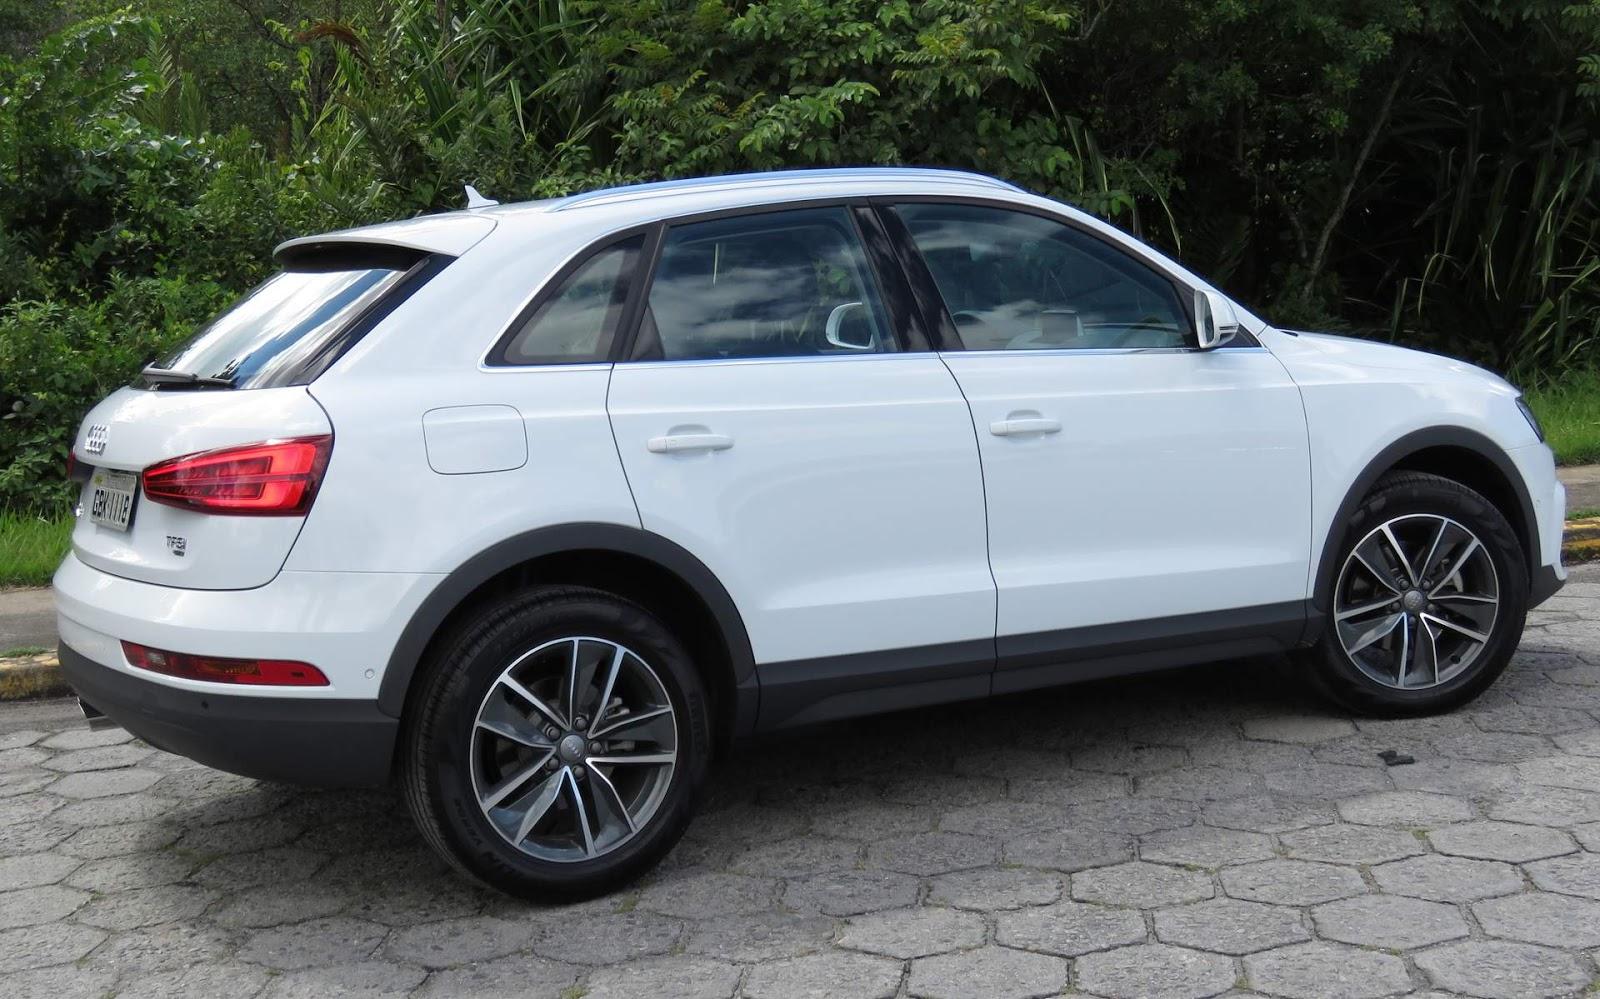 Kelebihan Kekurangan Audi Q3 Ambiente Perbandingan Harga